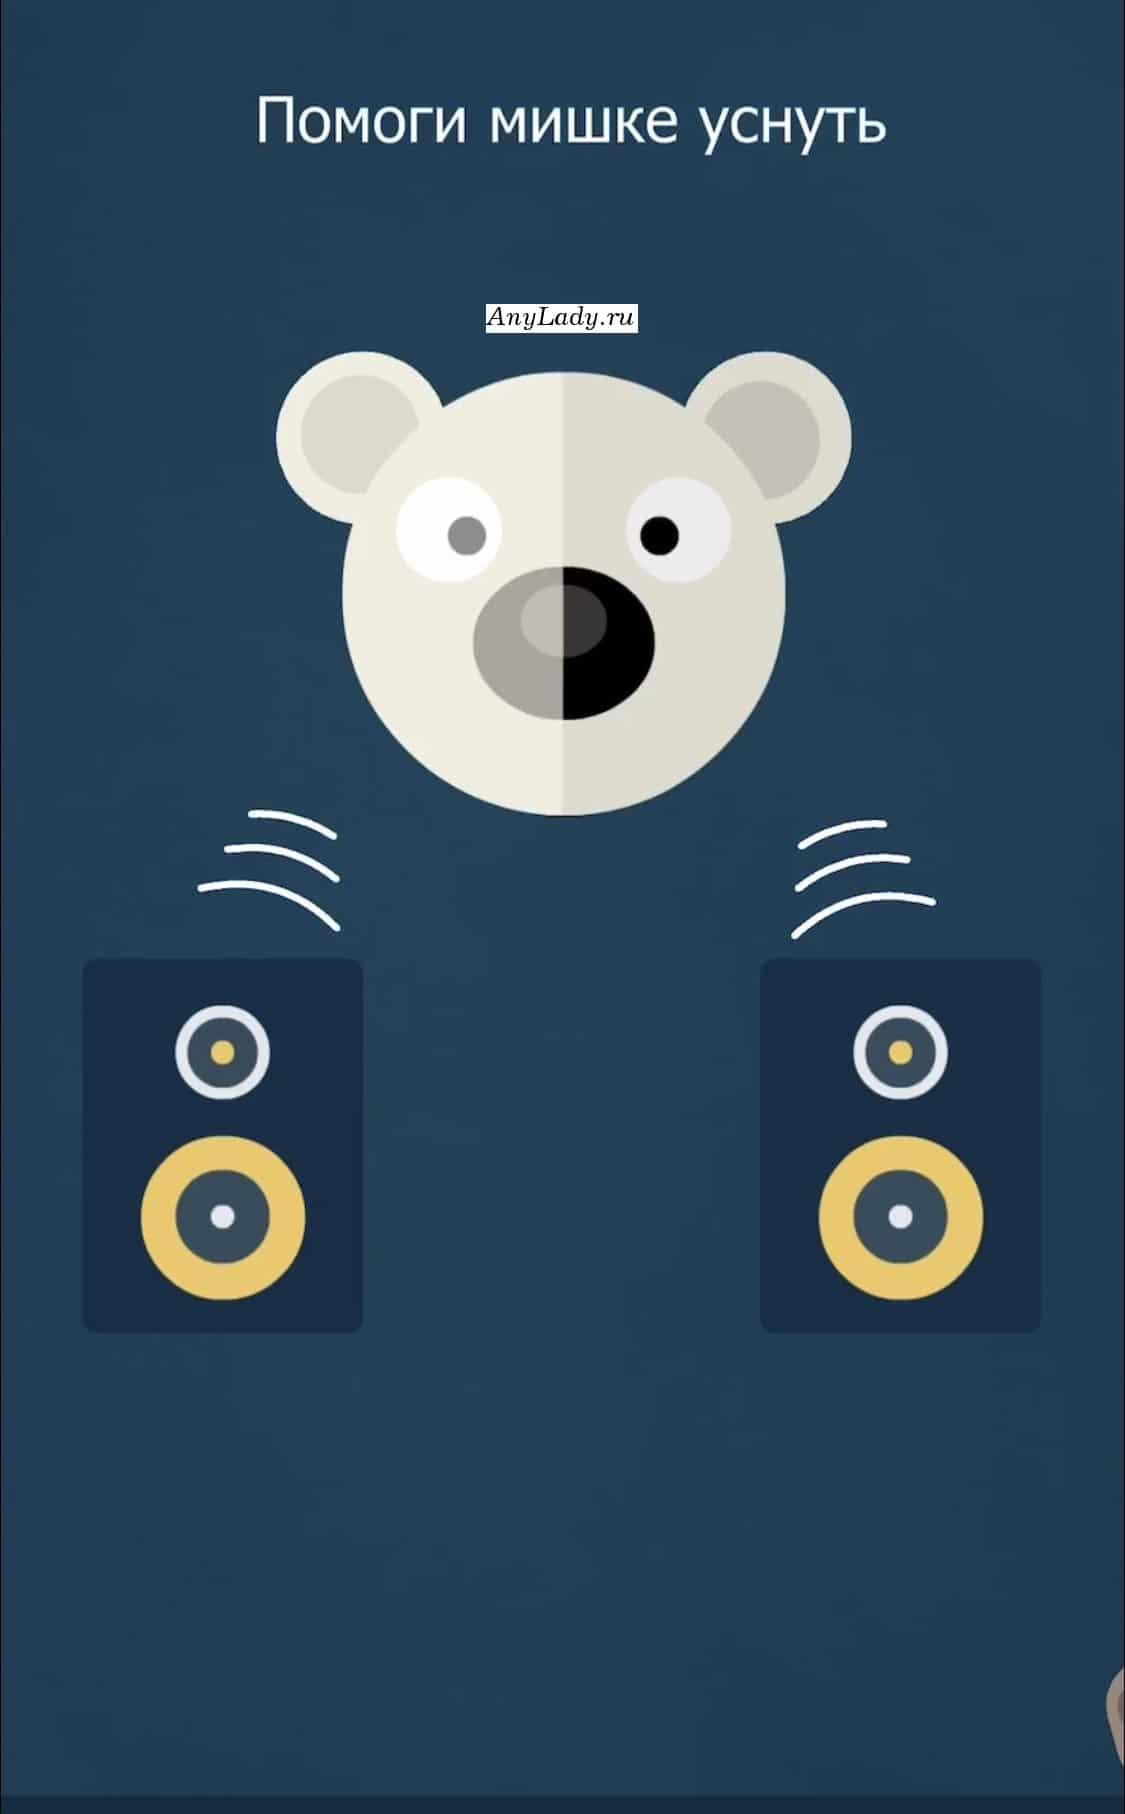 Мишке шумно и хочется спать. Зажмите уши двумя пальцами и он не услышит громкого шума.